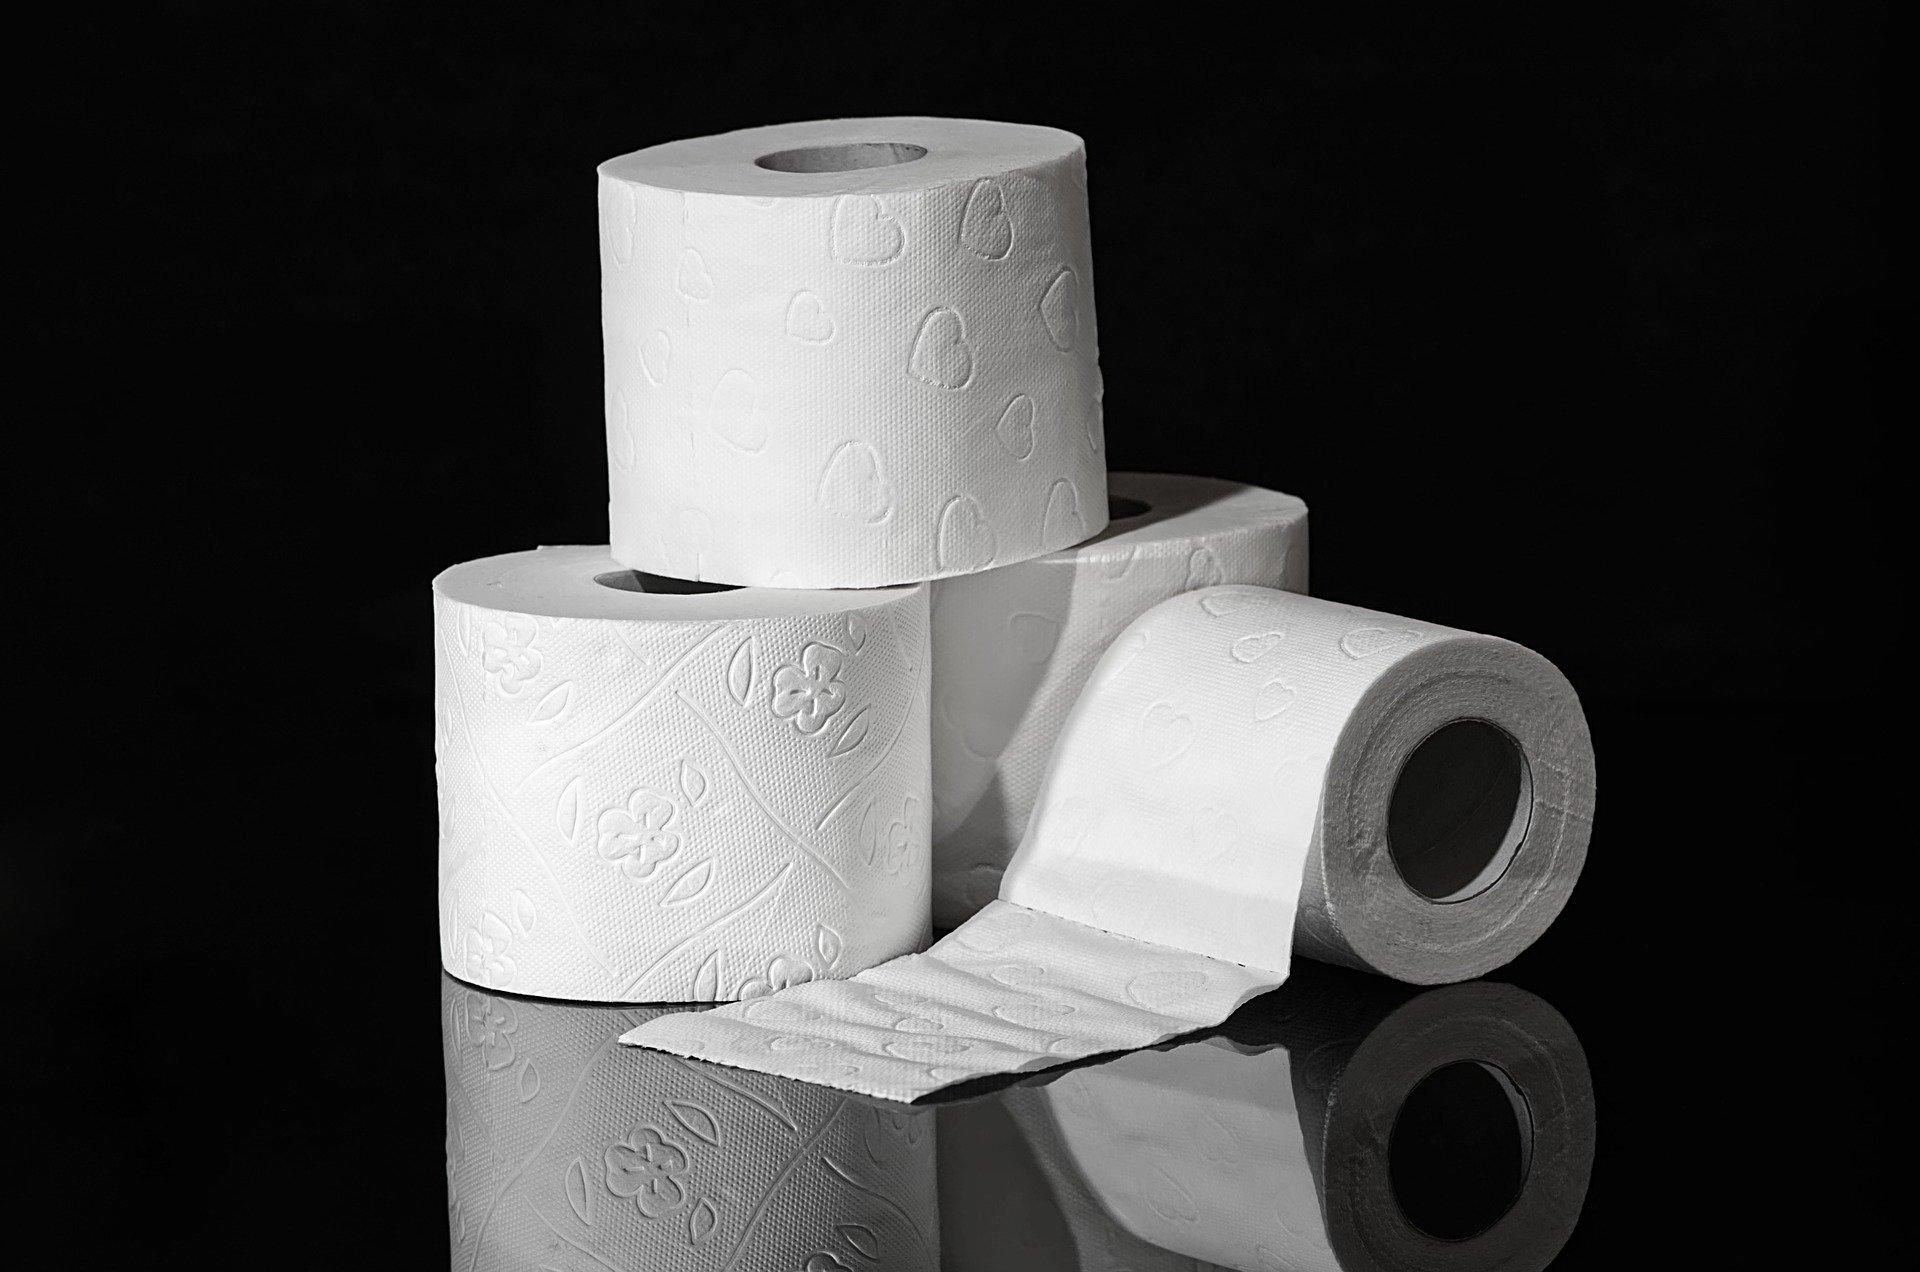 Supermercados sin papel higiénico: Luchamos contra el Coronavirus, eso sí, con el culo limpio